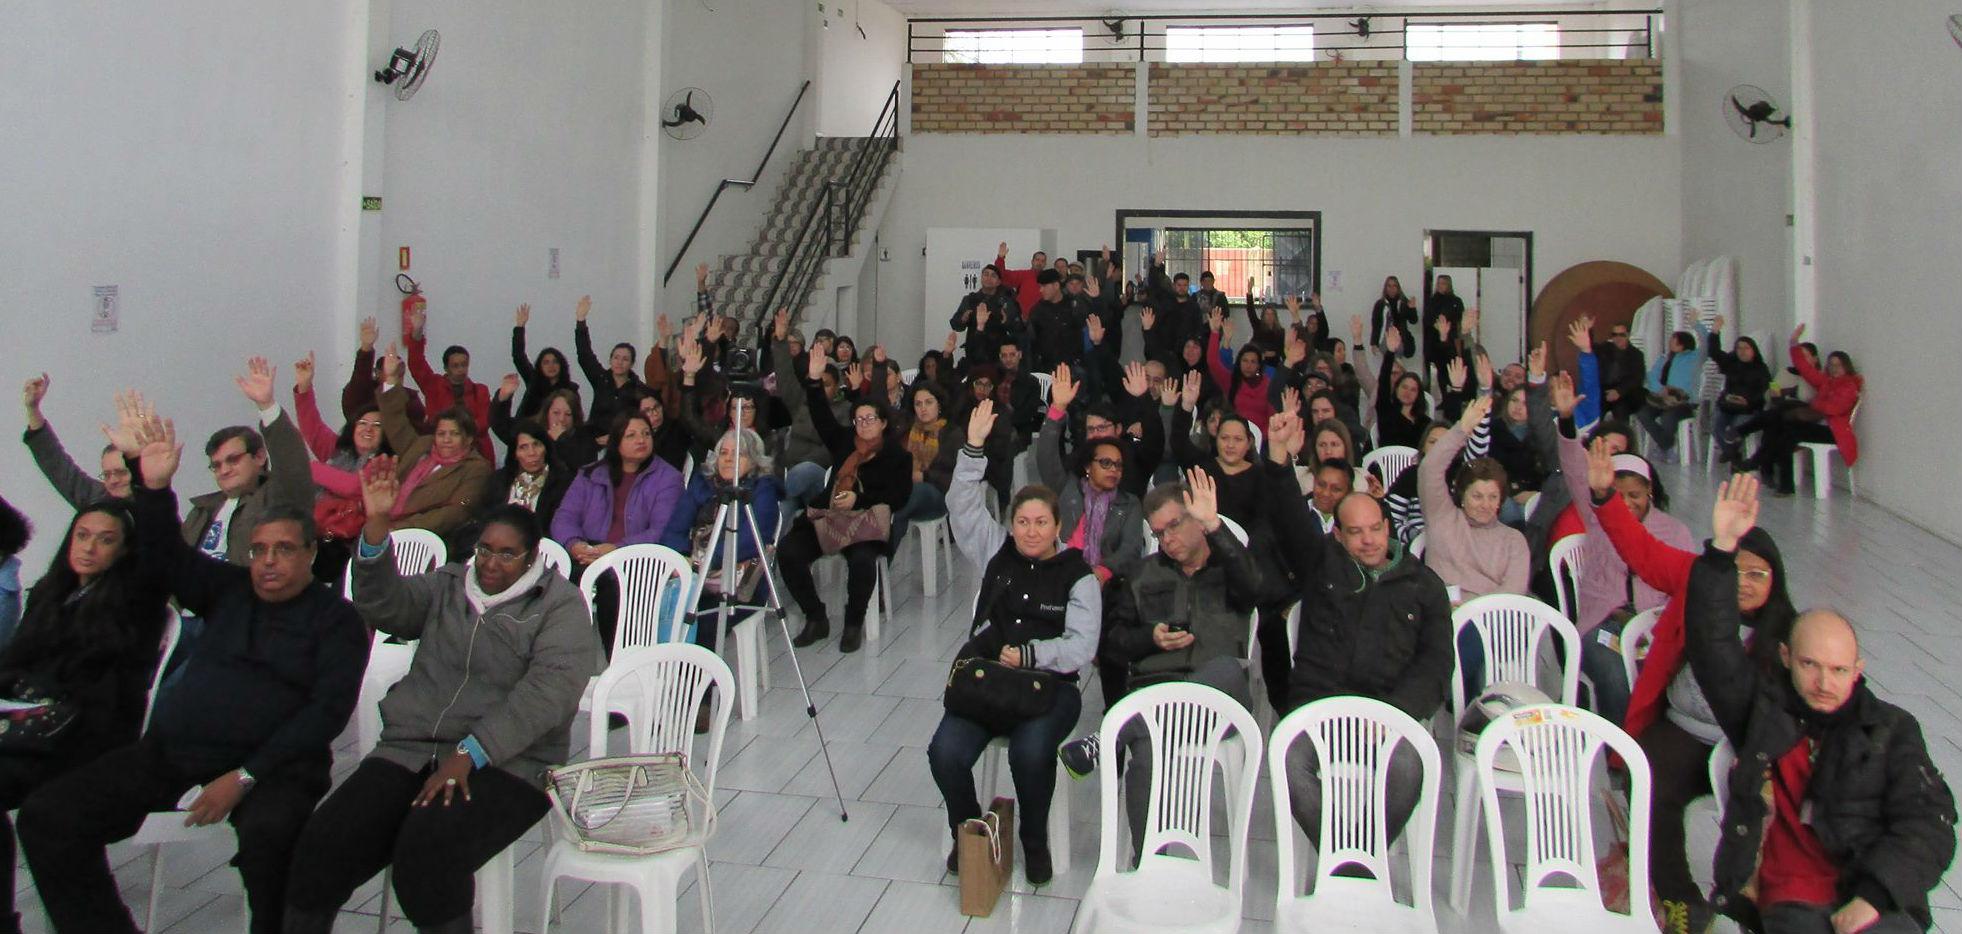 Assembleia aconteceu em três turnos / Foto: Sima / Especial / OA